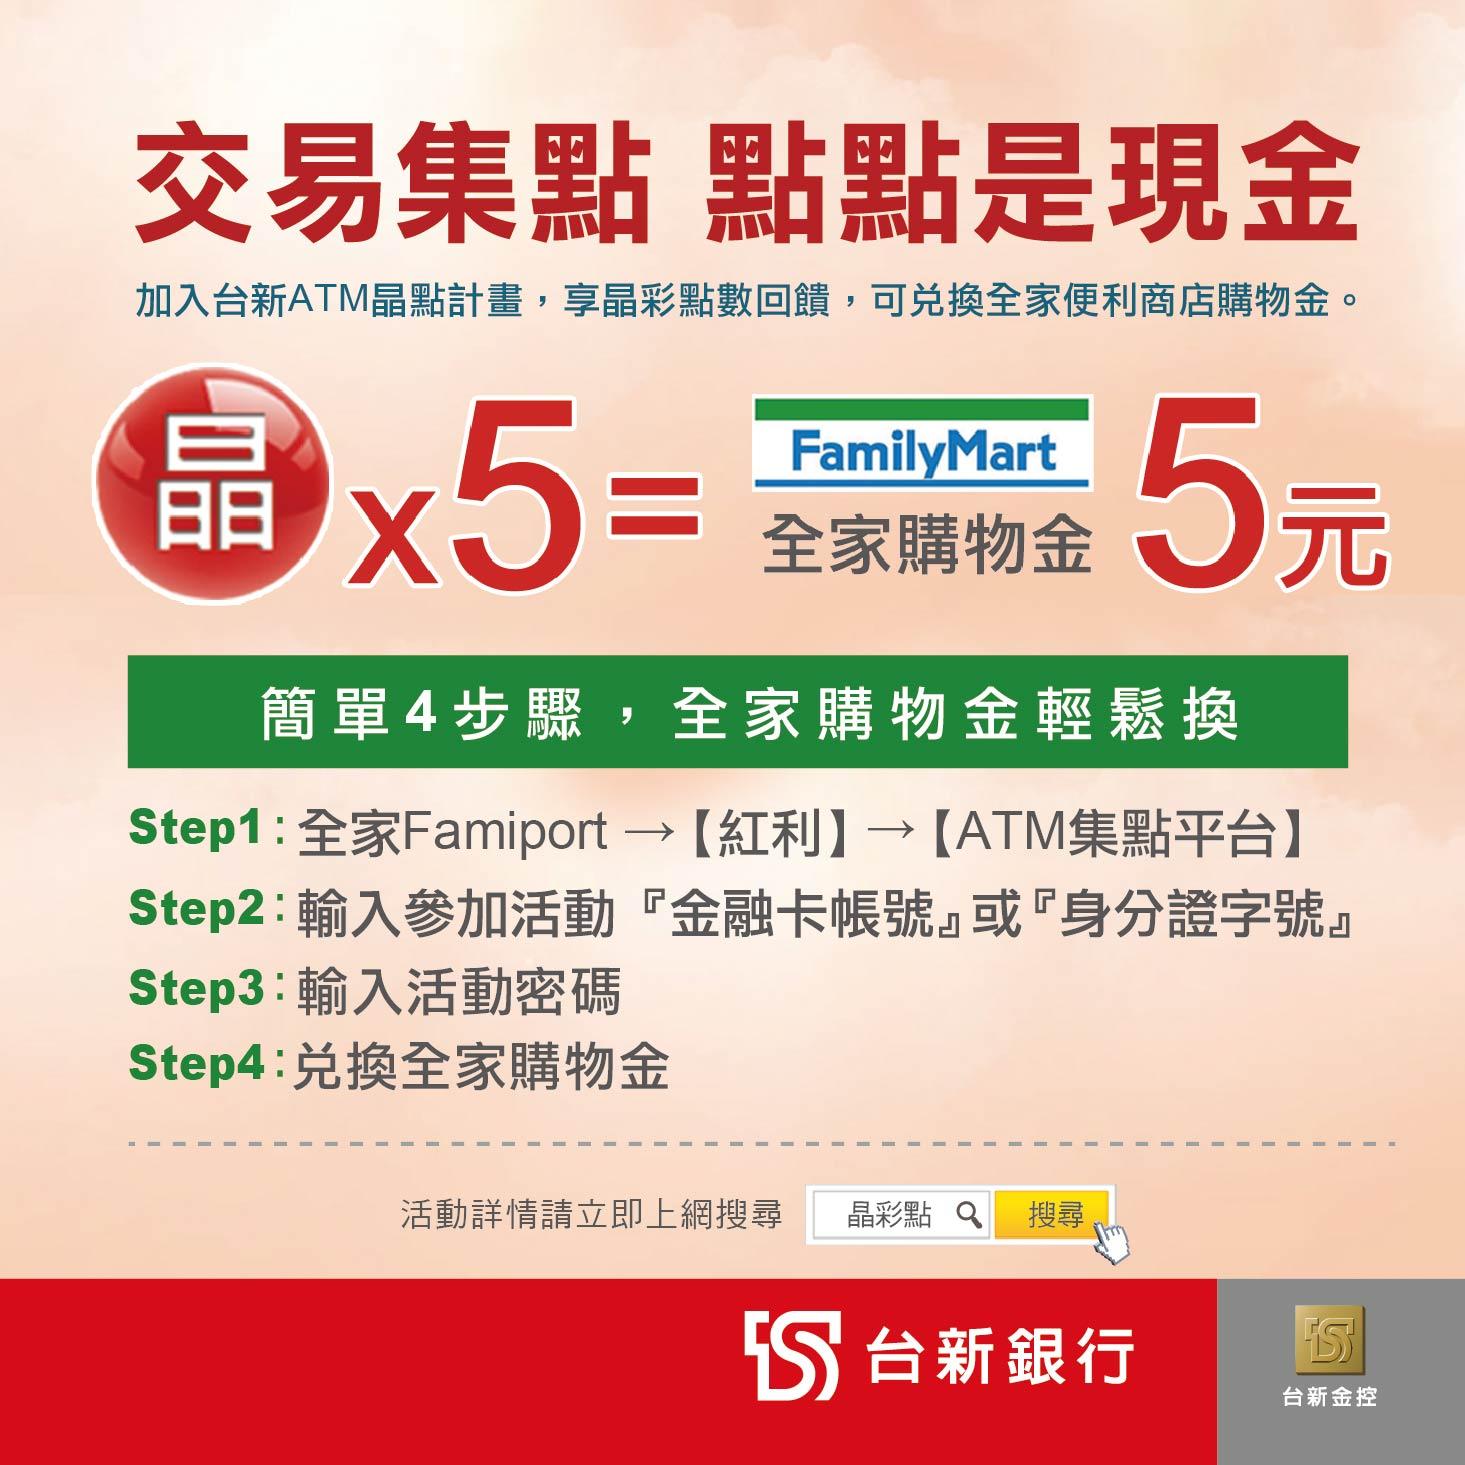 台新銀行-晶彩點遙遙排2014